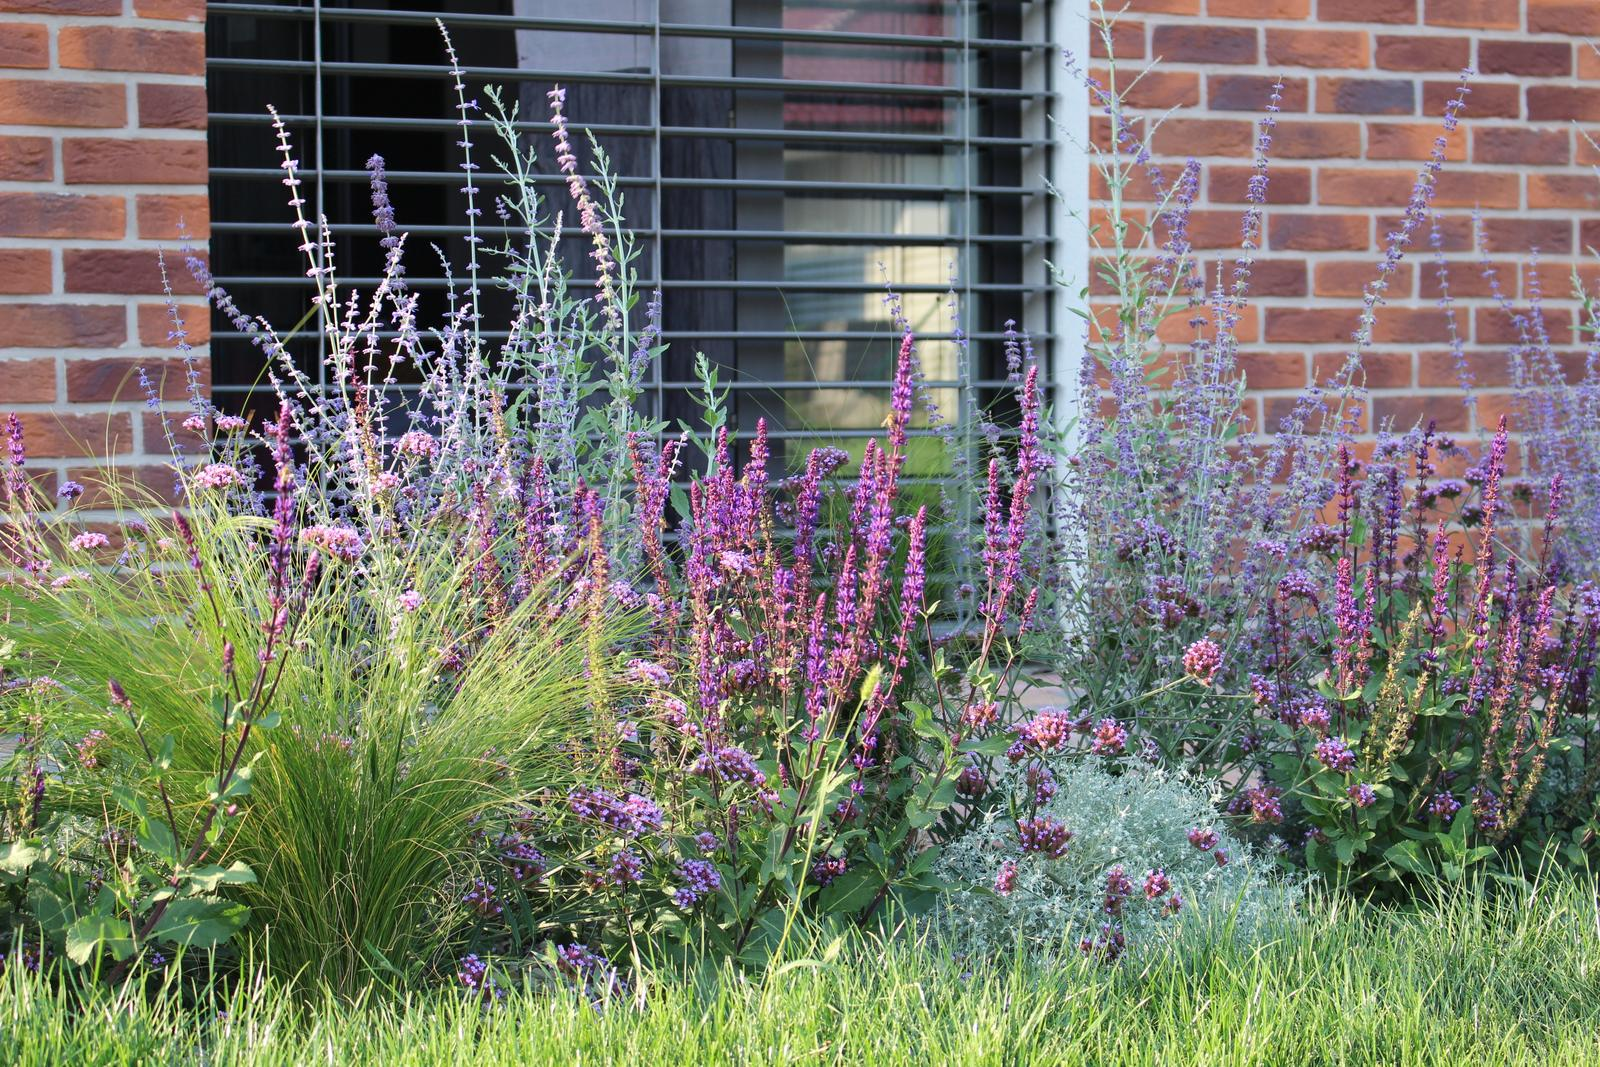 Exteriér - záhrada - Po 2 mesiacoch od výsadby, ľaliovky dávno odkvitli... chcelo by to niečo oranžové, čo kvitne do jesene.